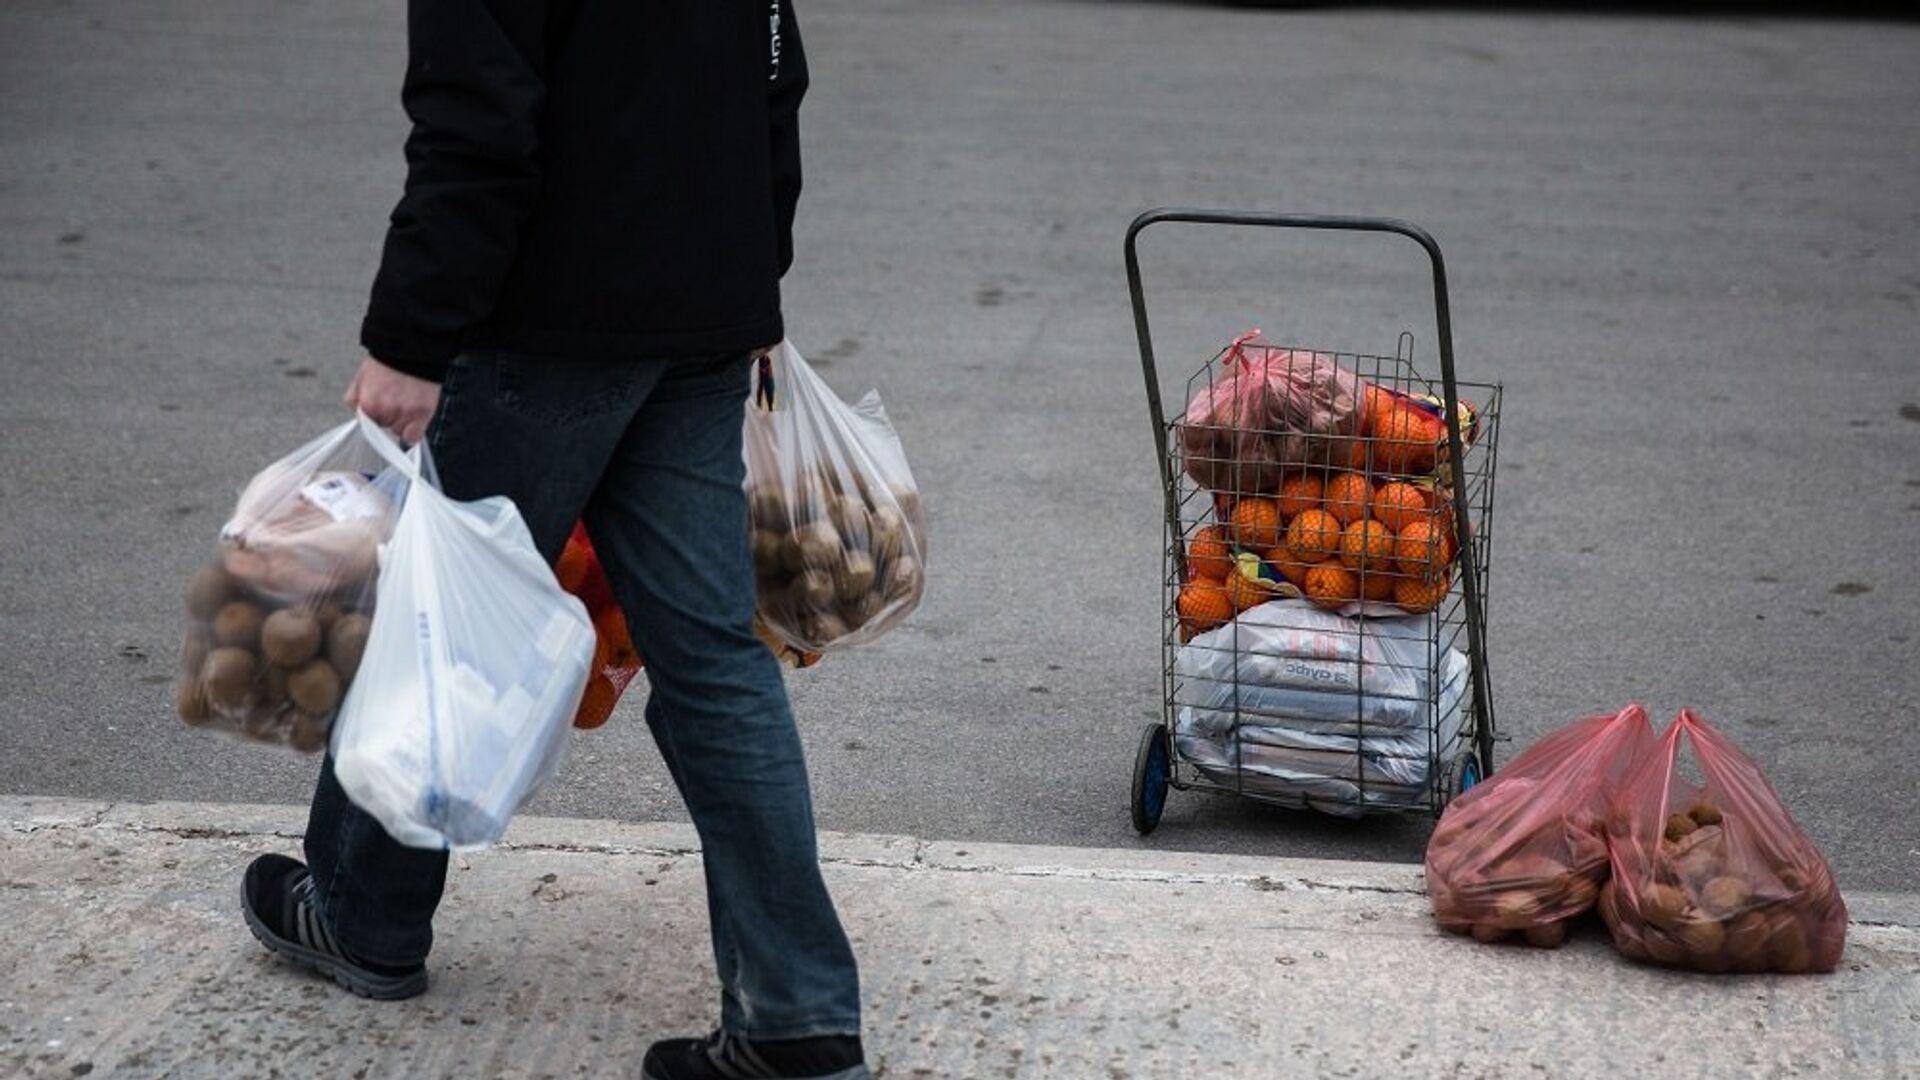 Πλαστικές σακούλες - Sputnik Ελλάδα, 1920, 20.09.2021